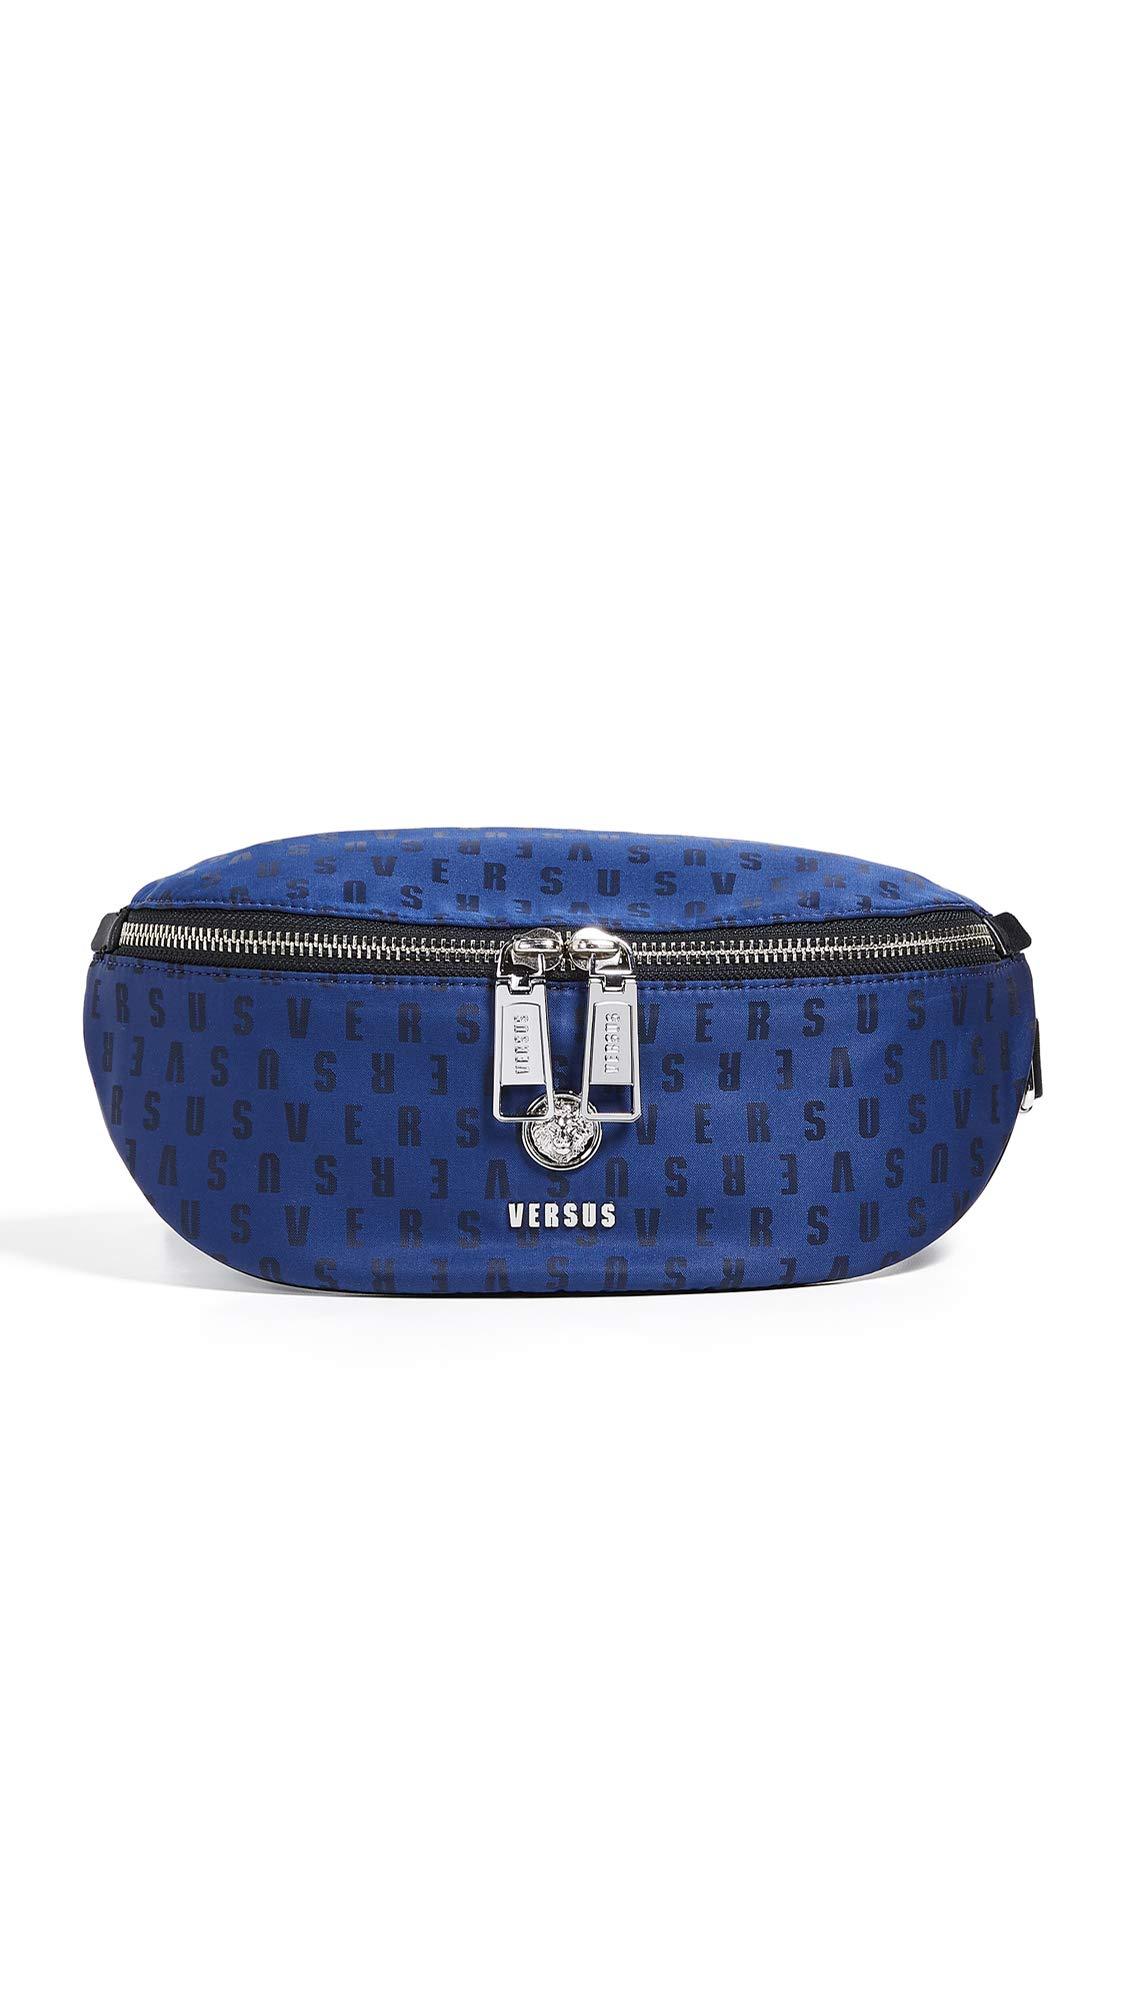 Versus Versace Men's Fanny Pack, Blue/Black, One Size